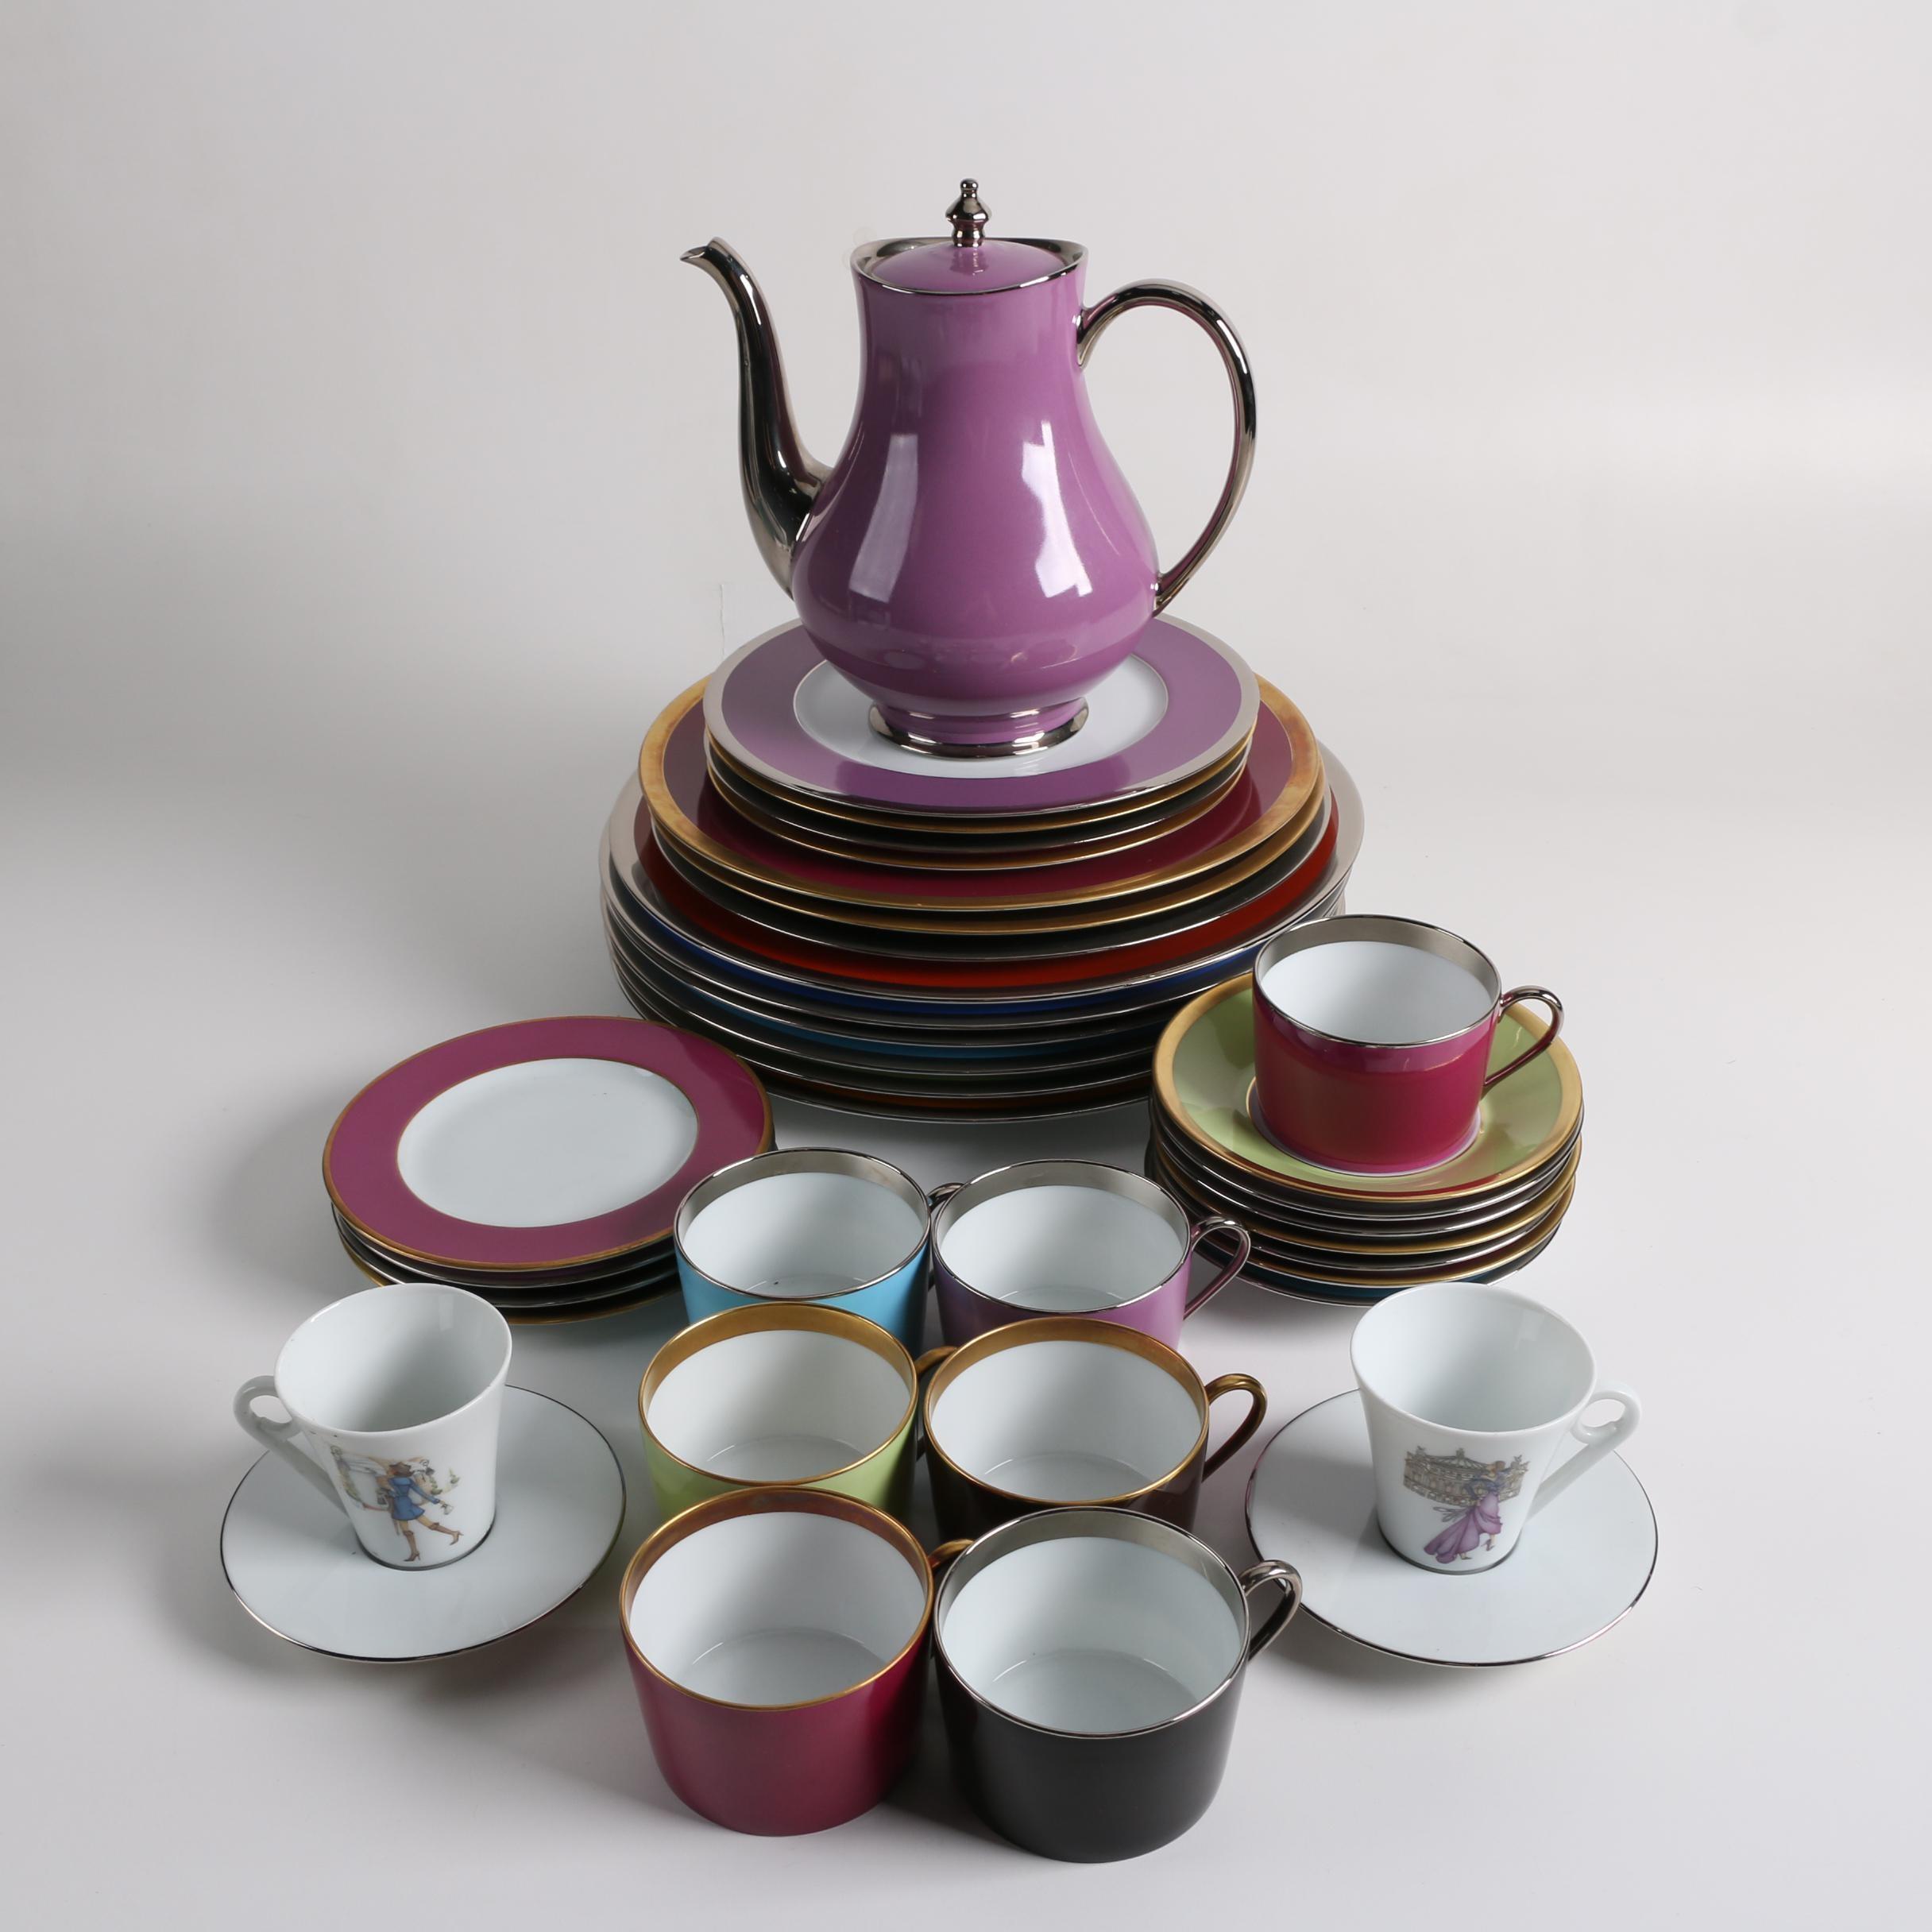 """Haviland Limoges """"Lalique De Chine"""" Porcelain Dinnerware"""